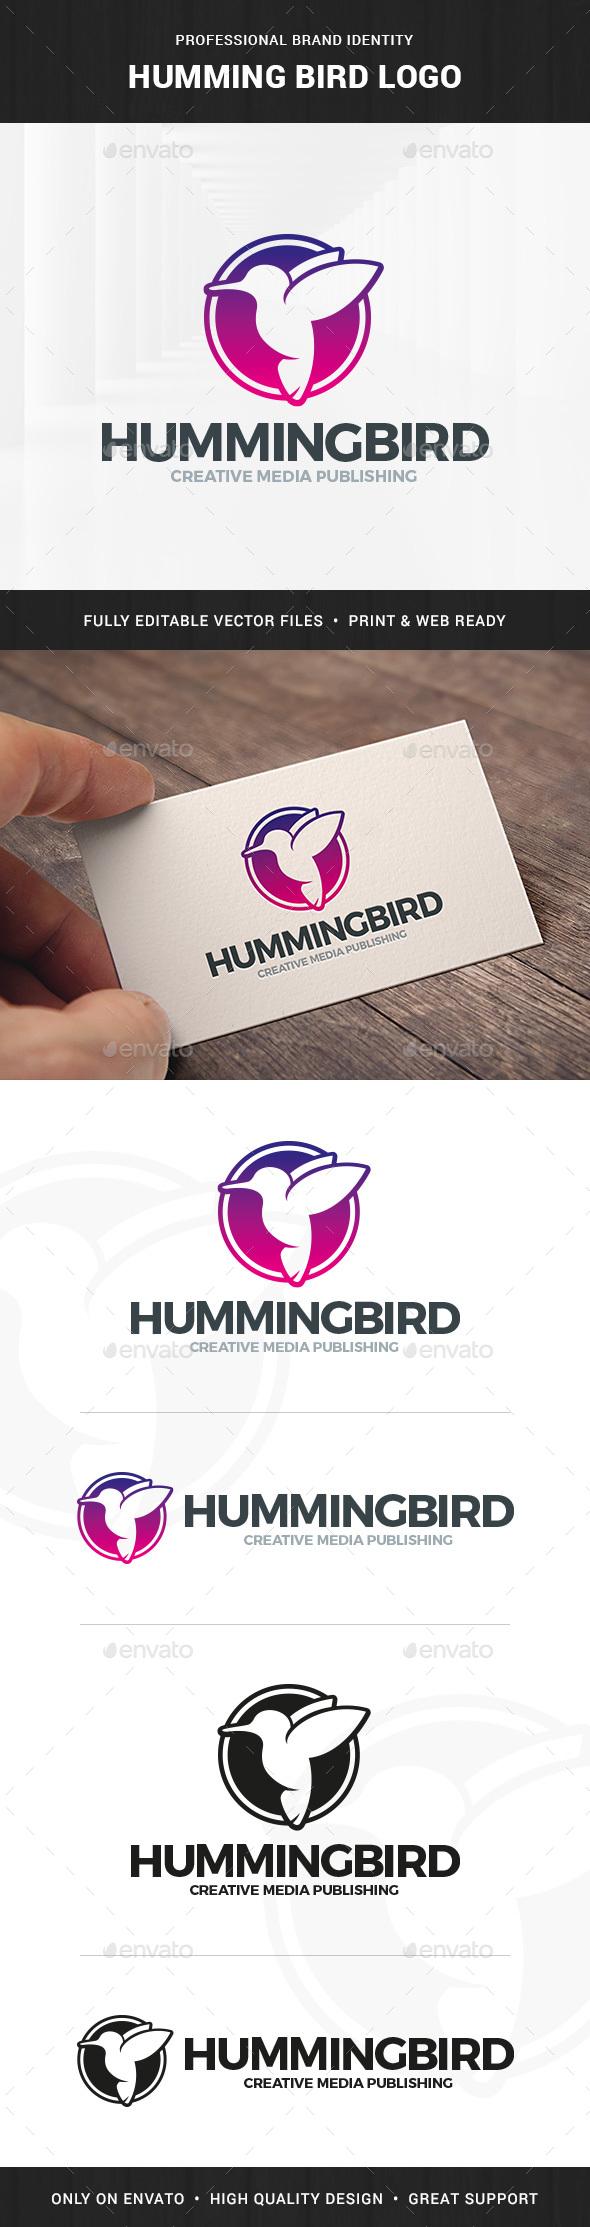 Humming Bird Logo Template - Animals Logo Templates